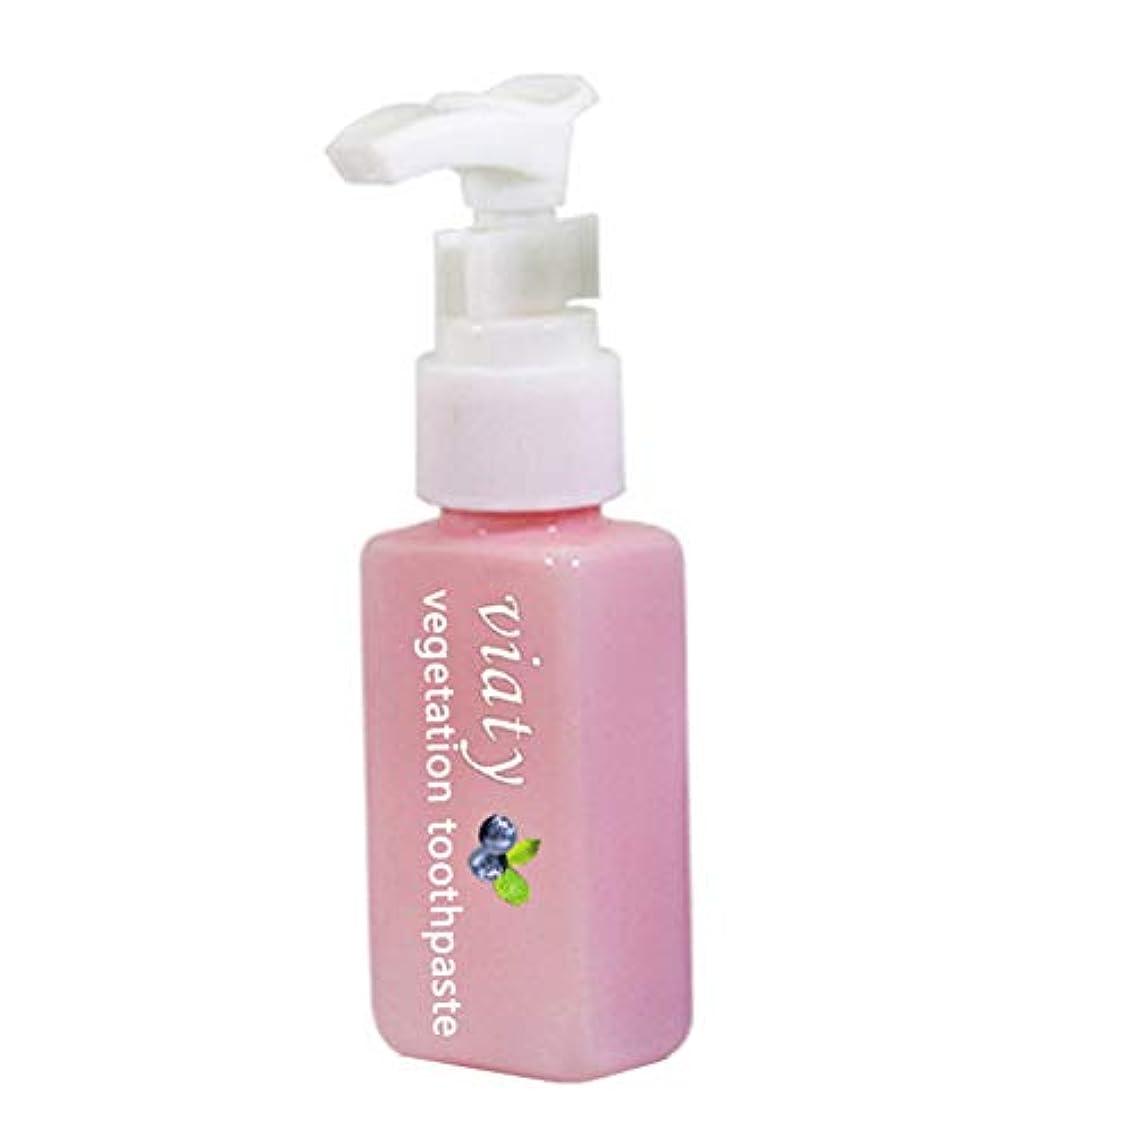 誘う不快ベッツィトロットウッドTenflyer歯磨き粉アンチブリードガムプレスタイプ新鮮な歯磨き粉を白くする汚れ除去剤